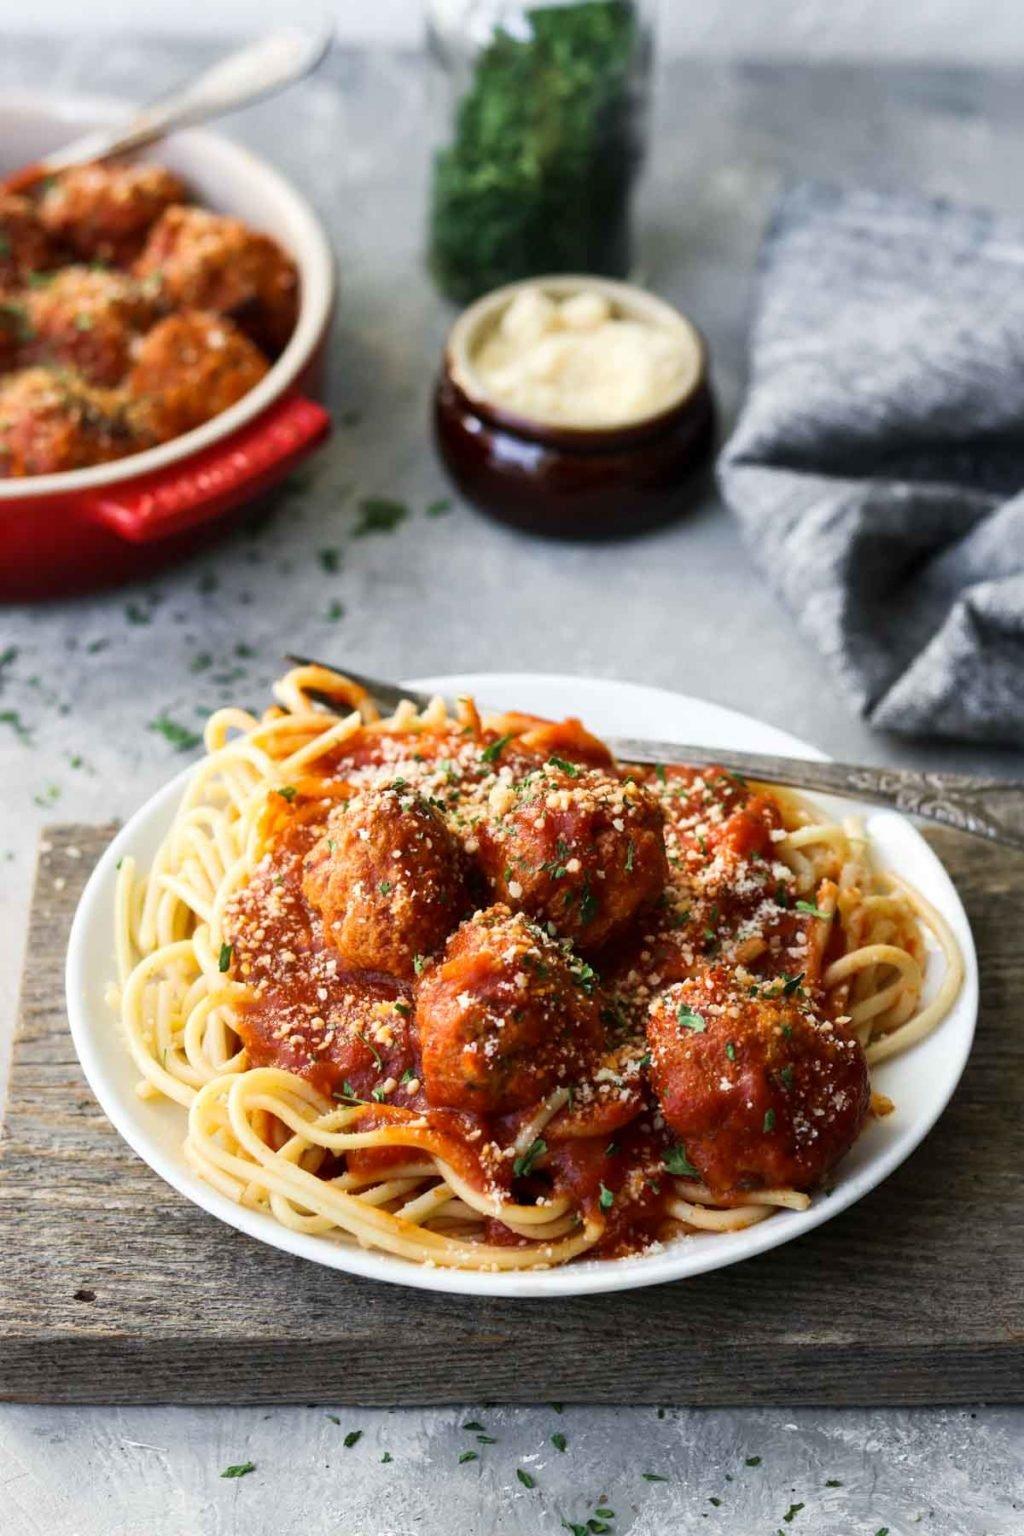 Instant Pot Turkey Meatballs on top of Spaghetti